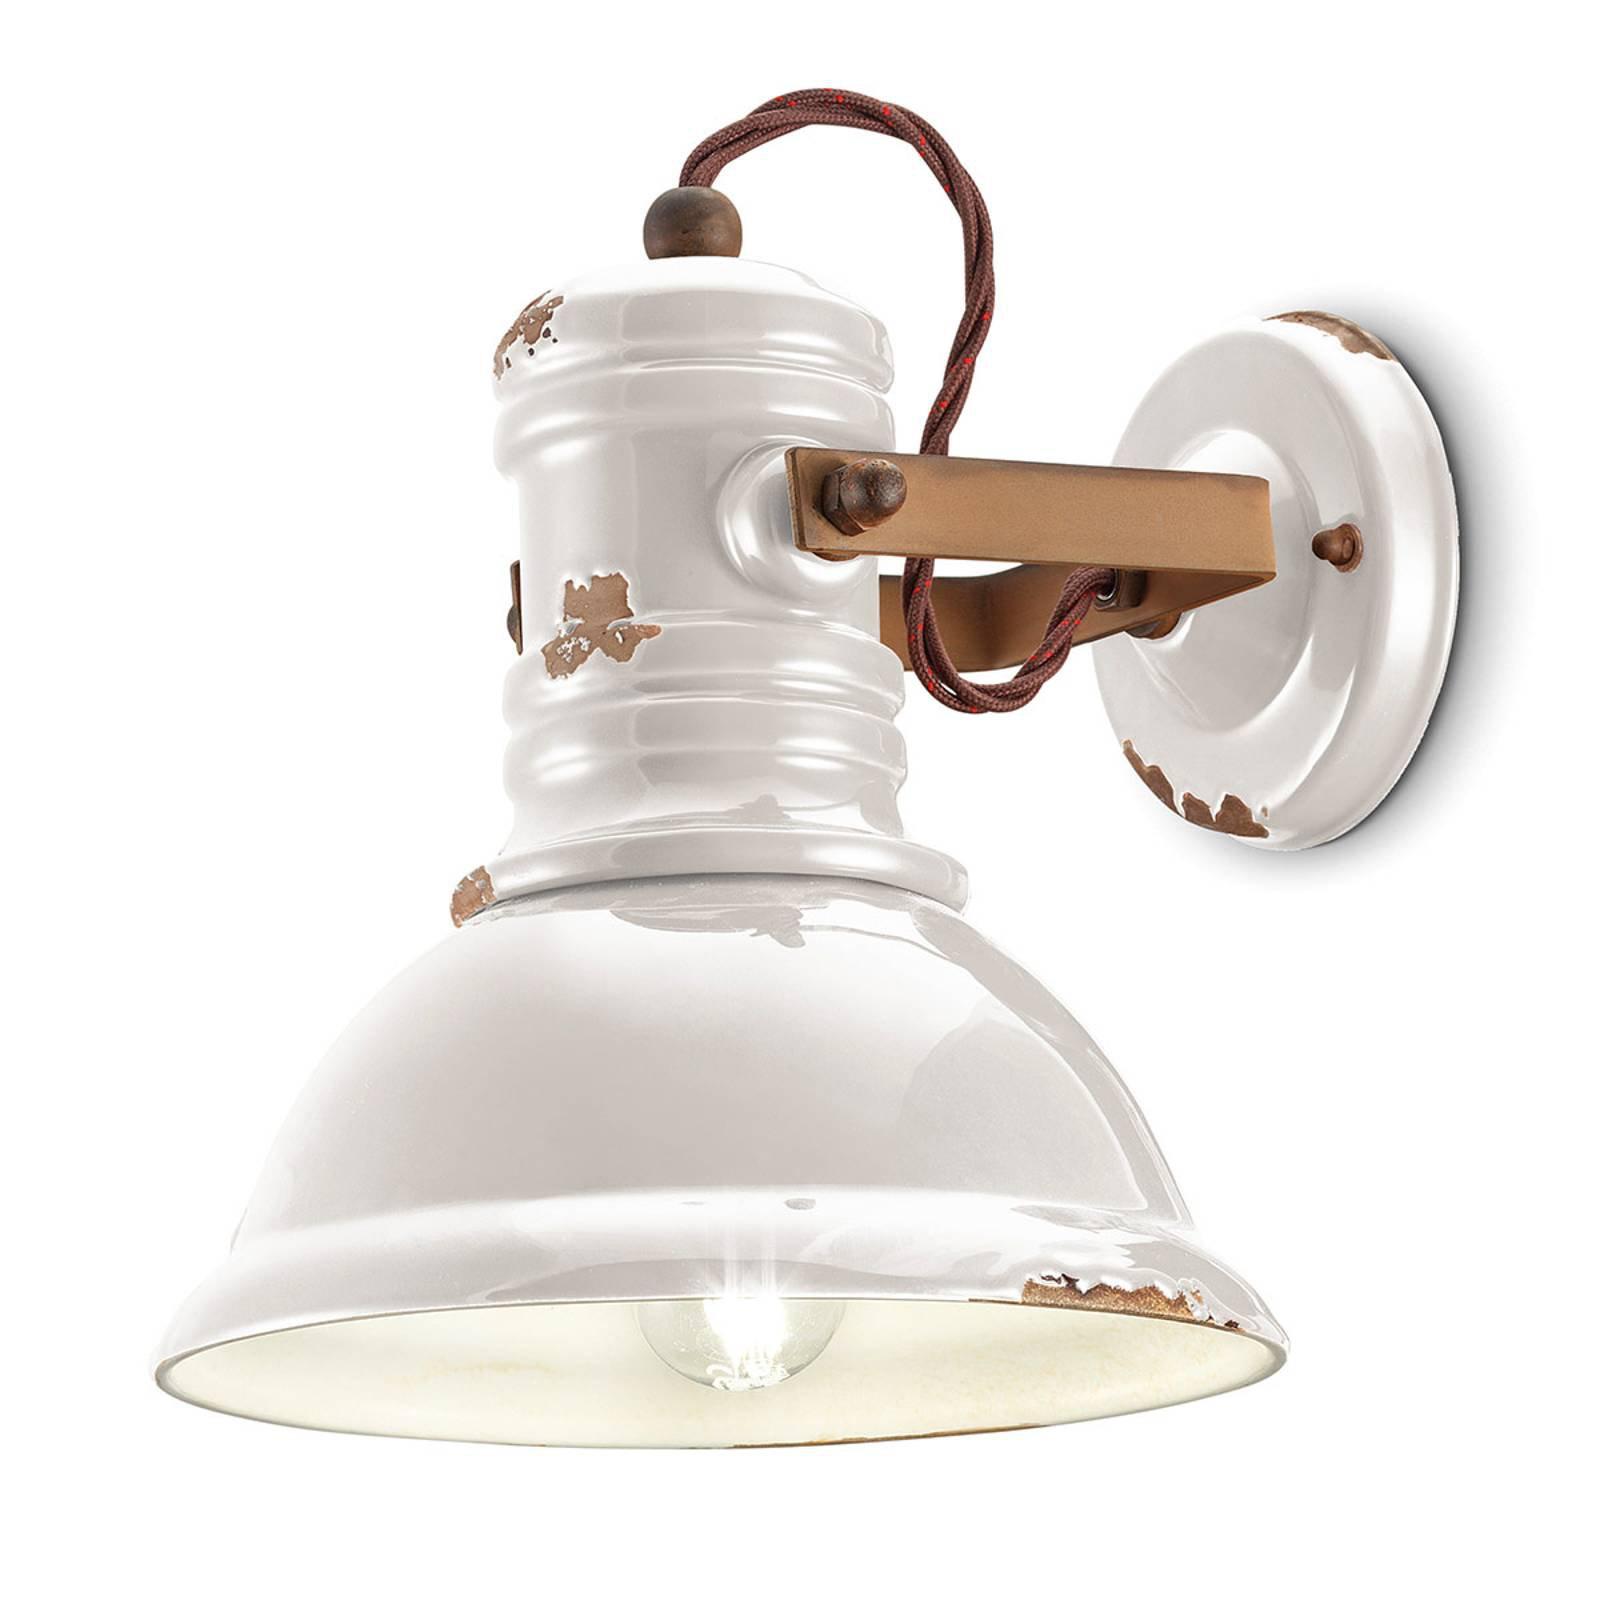 Vegglampe i keramikk C1693 i industriell stil hvit